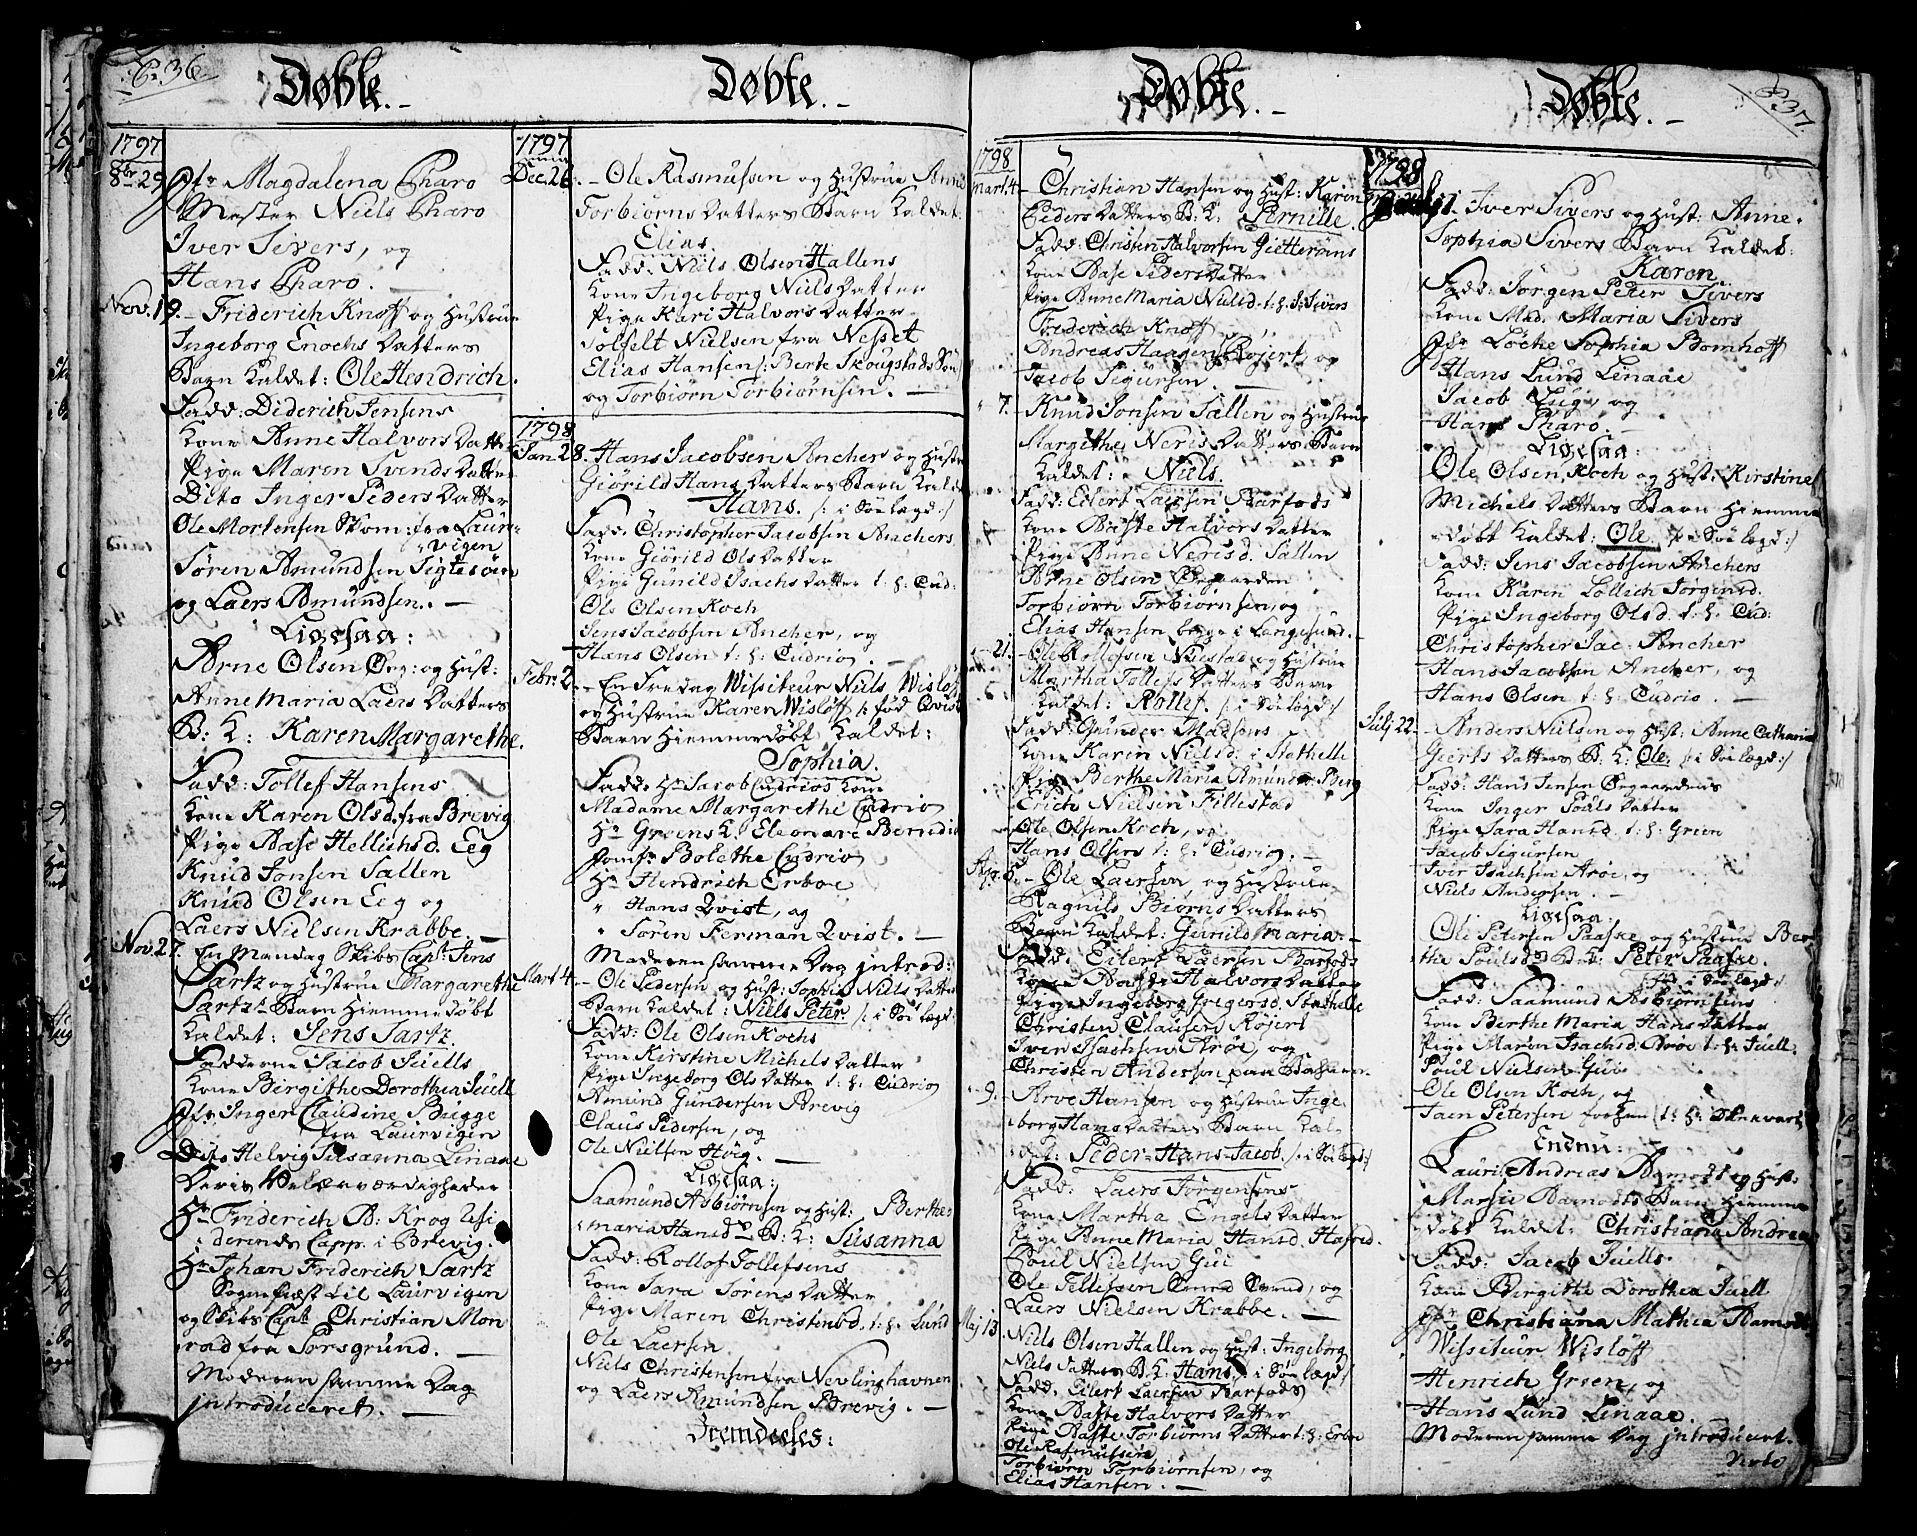 SAKO, Langesund kirkebøker, G/Ga/L0001: Klokkerbok nr. 1, 1783-1801, s. 36-37